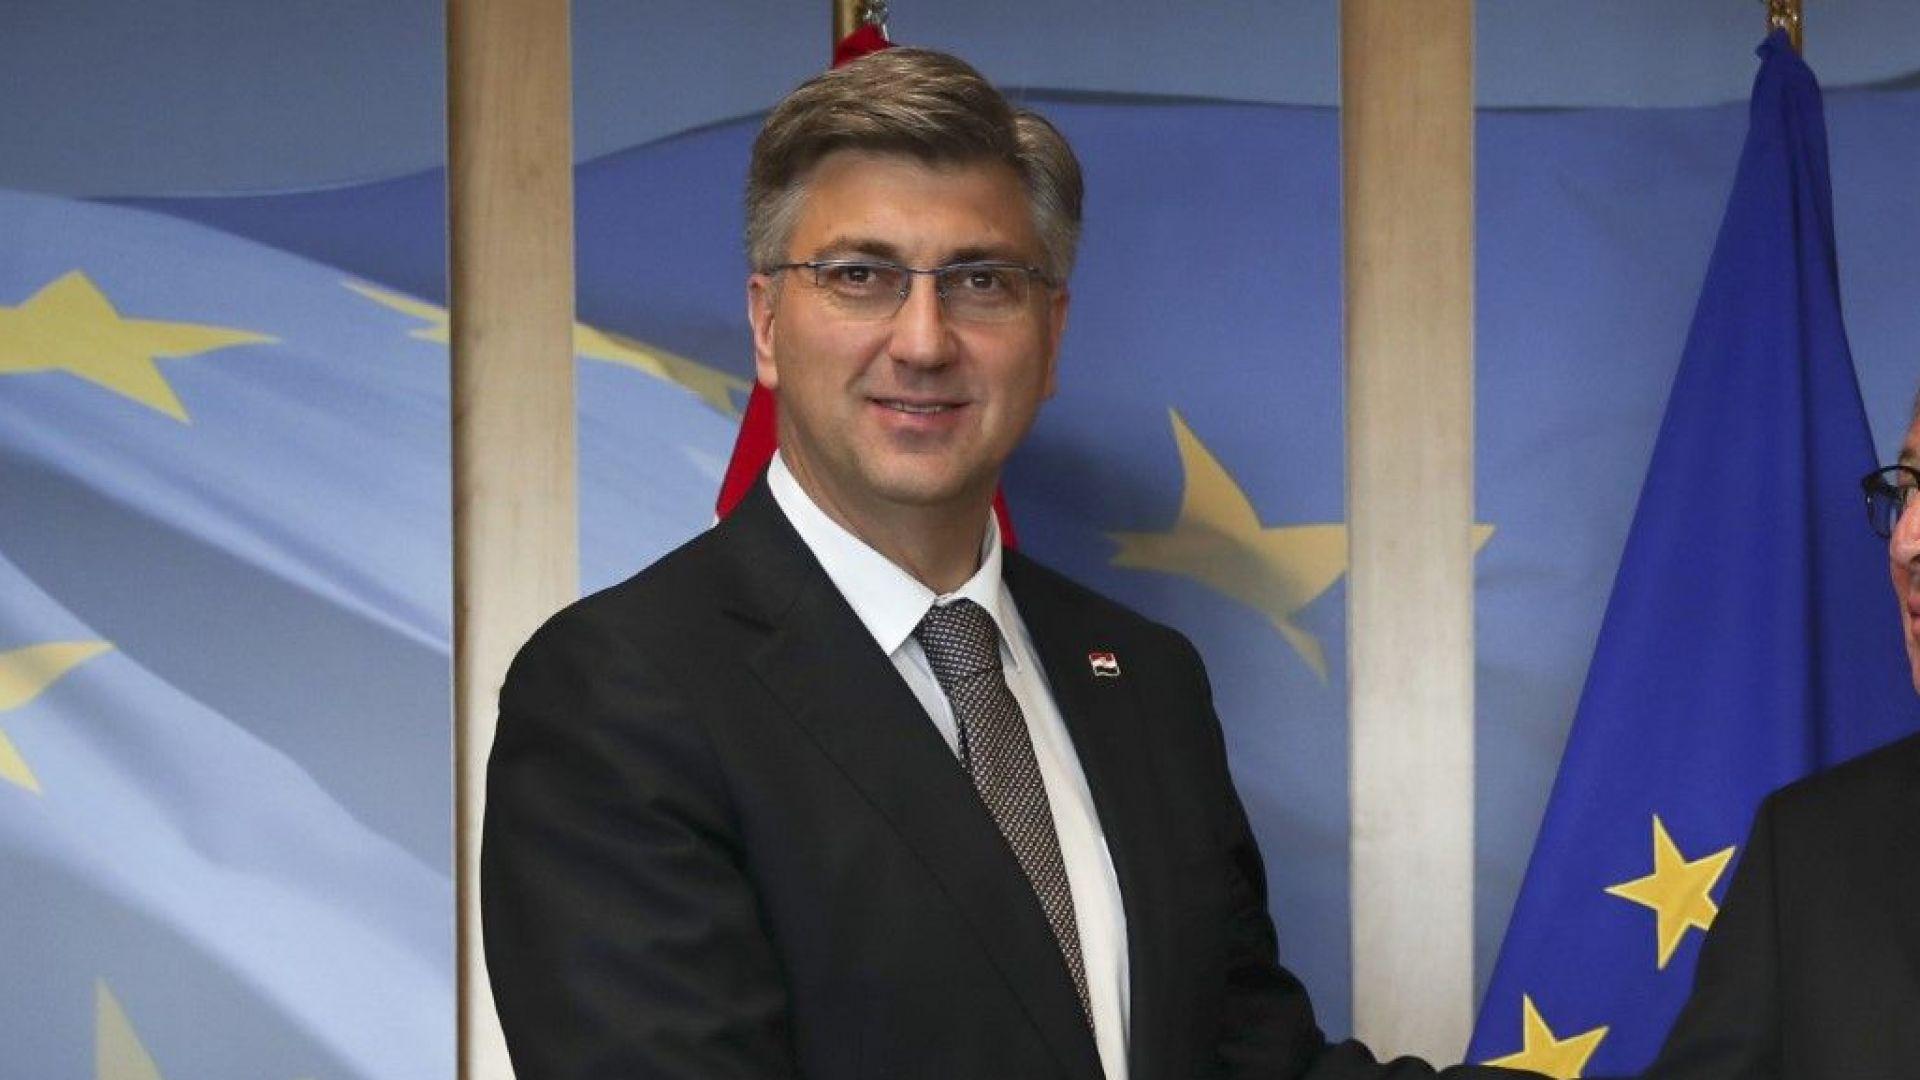 Хърватия ще финансира съкратена работна седмица за засегнати компании